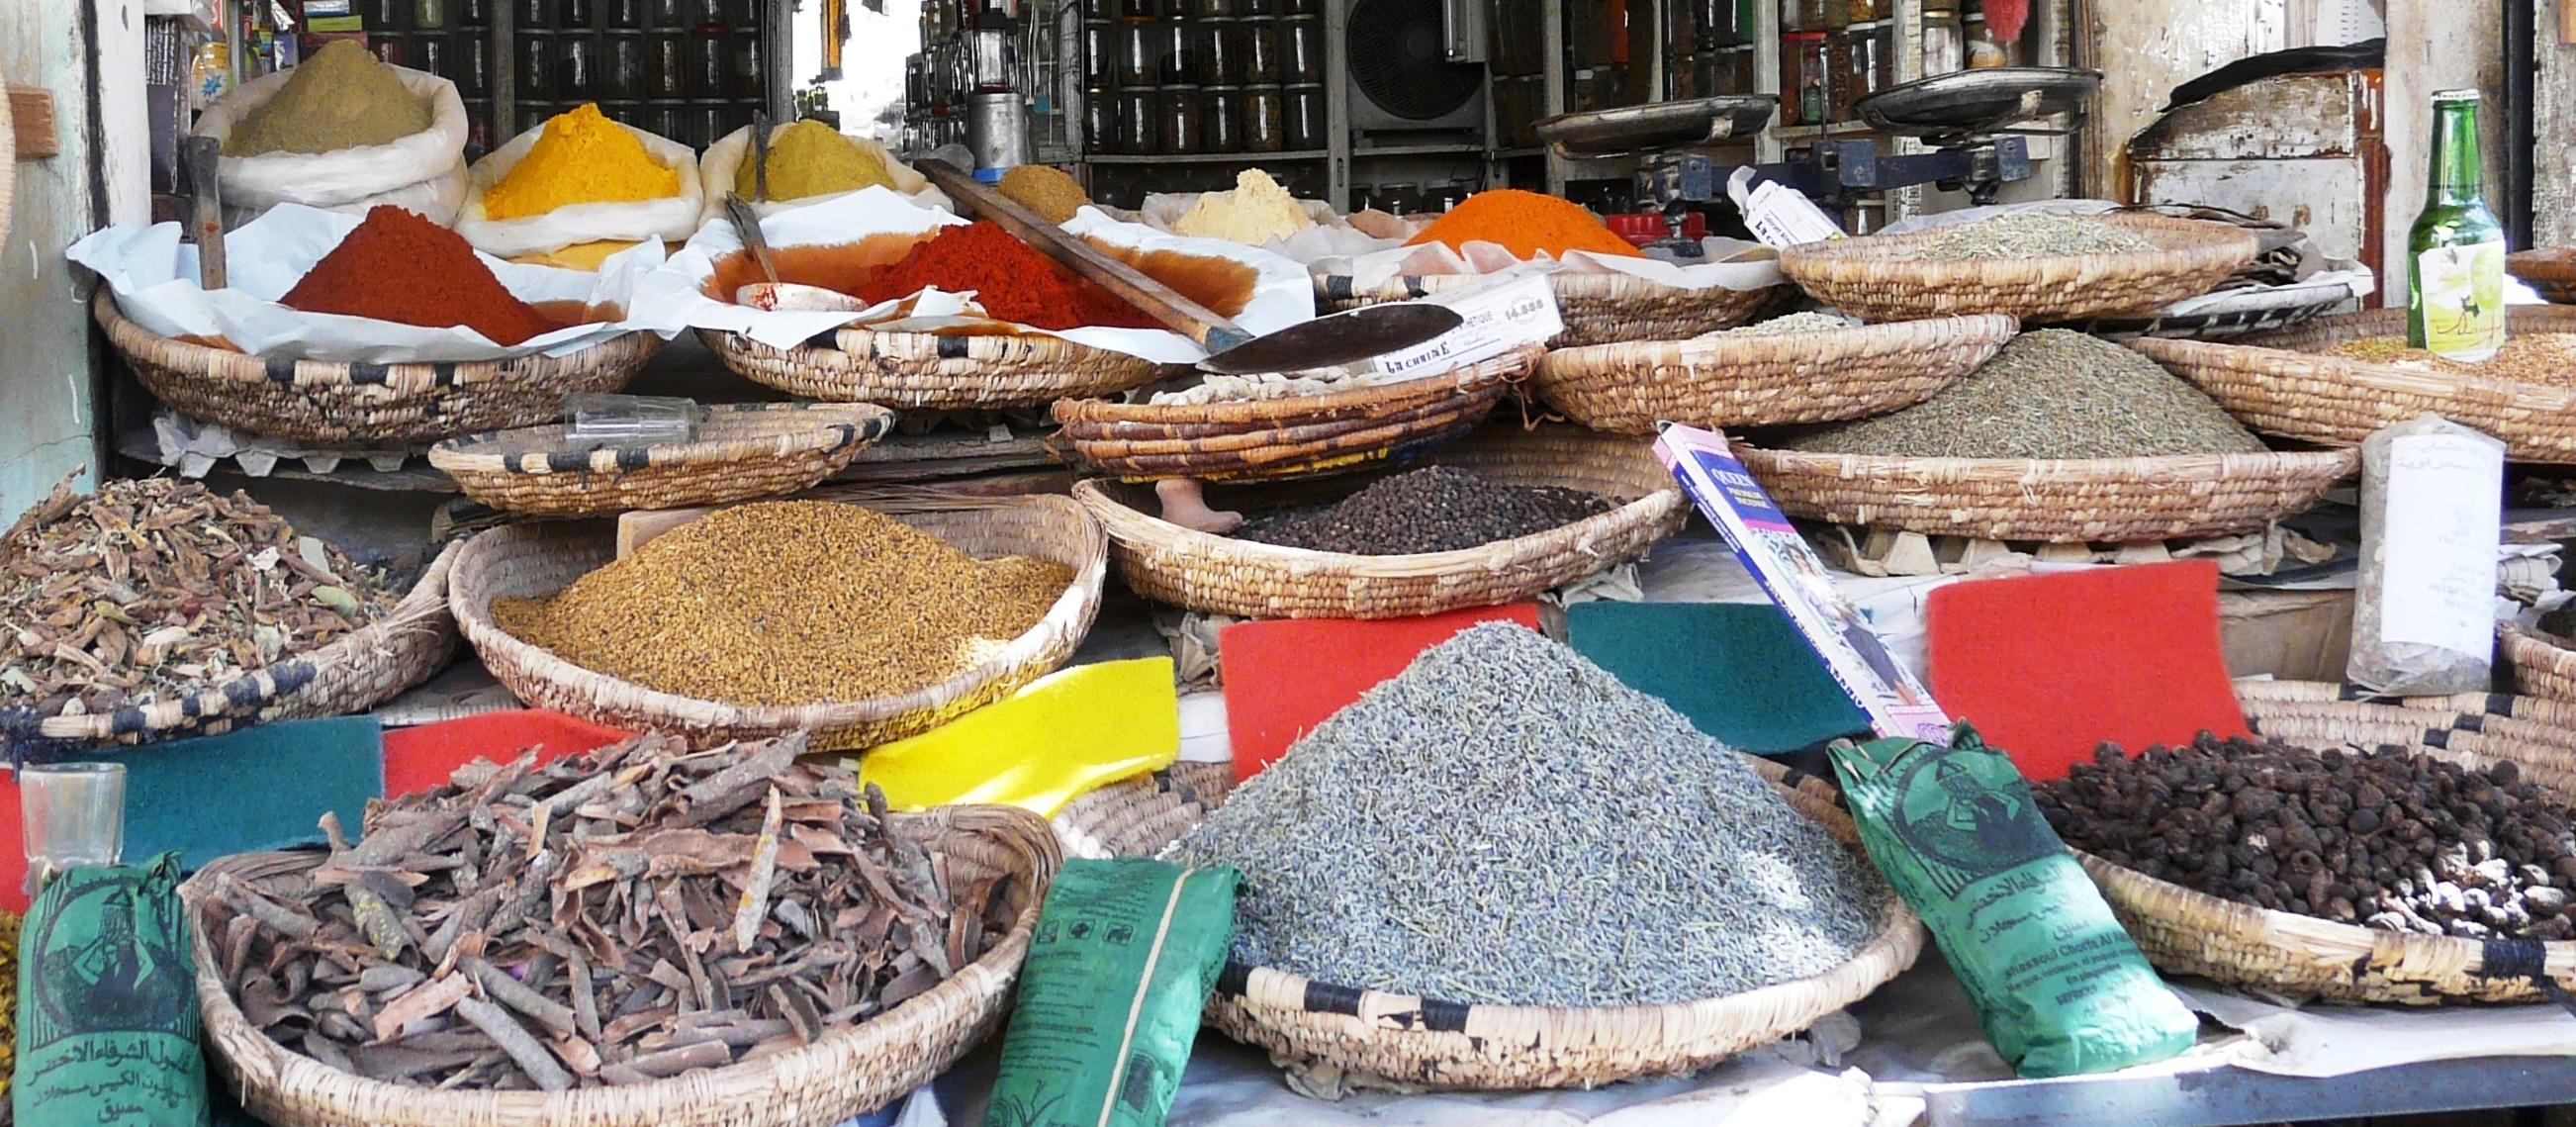 Mercado-tradicional1